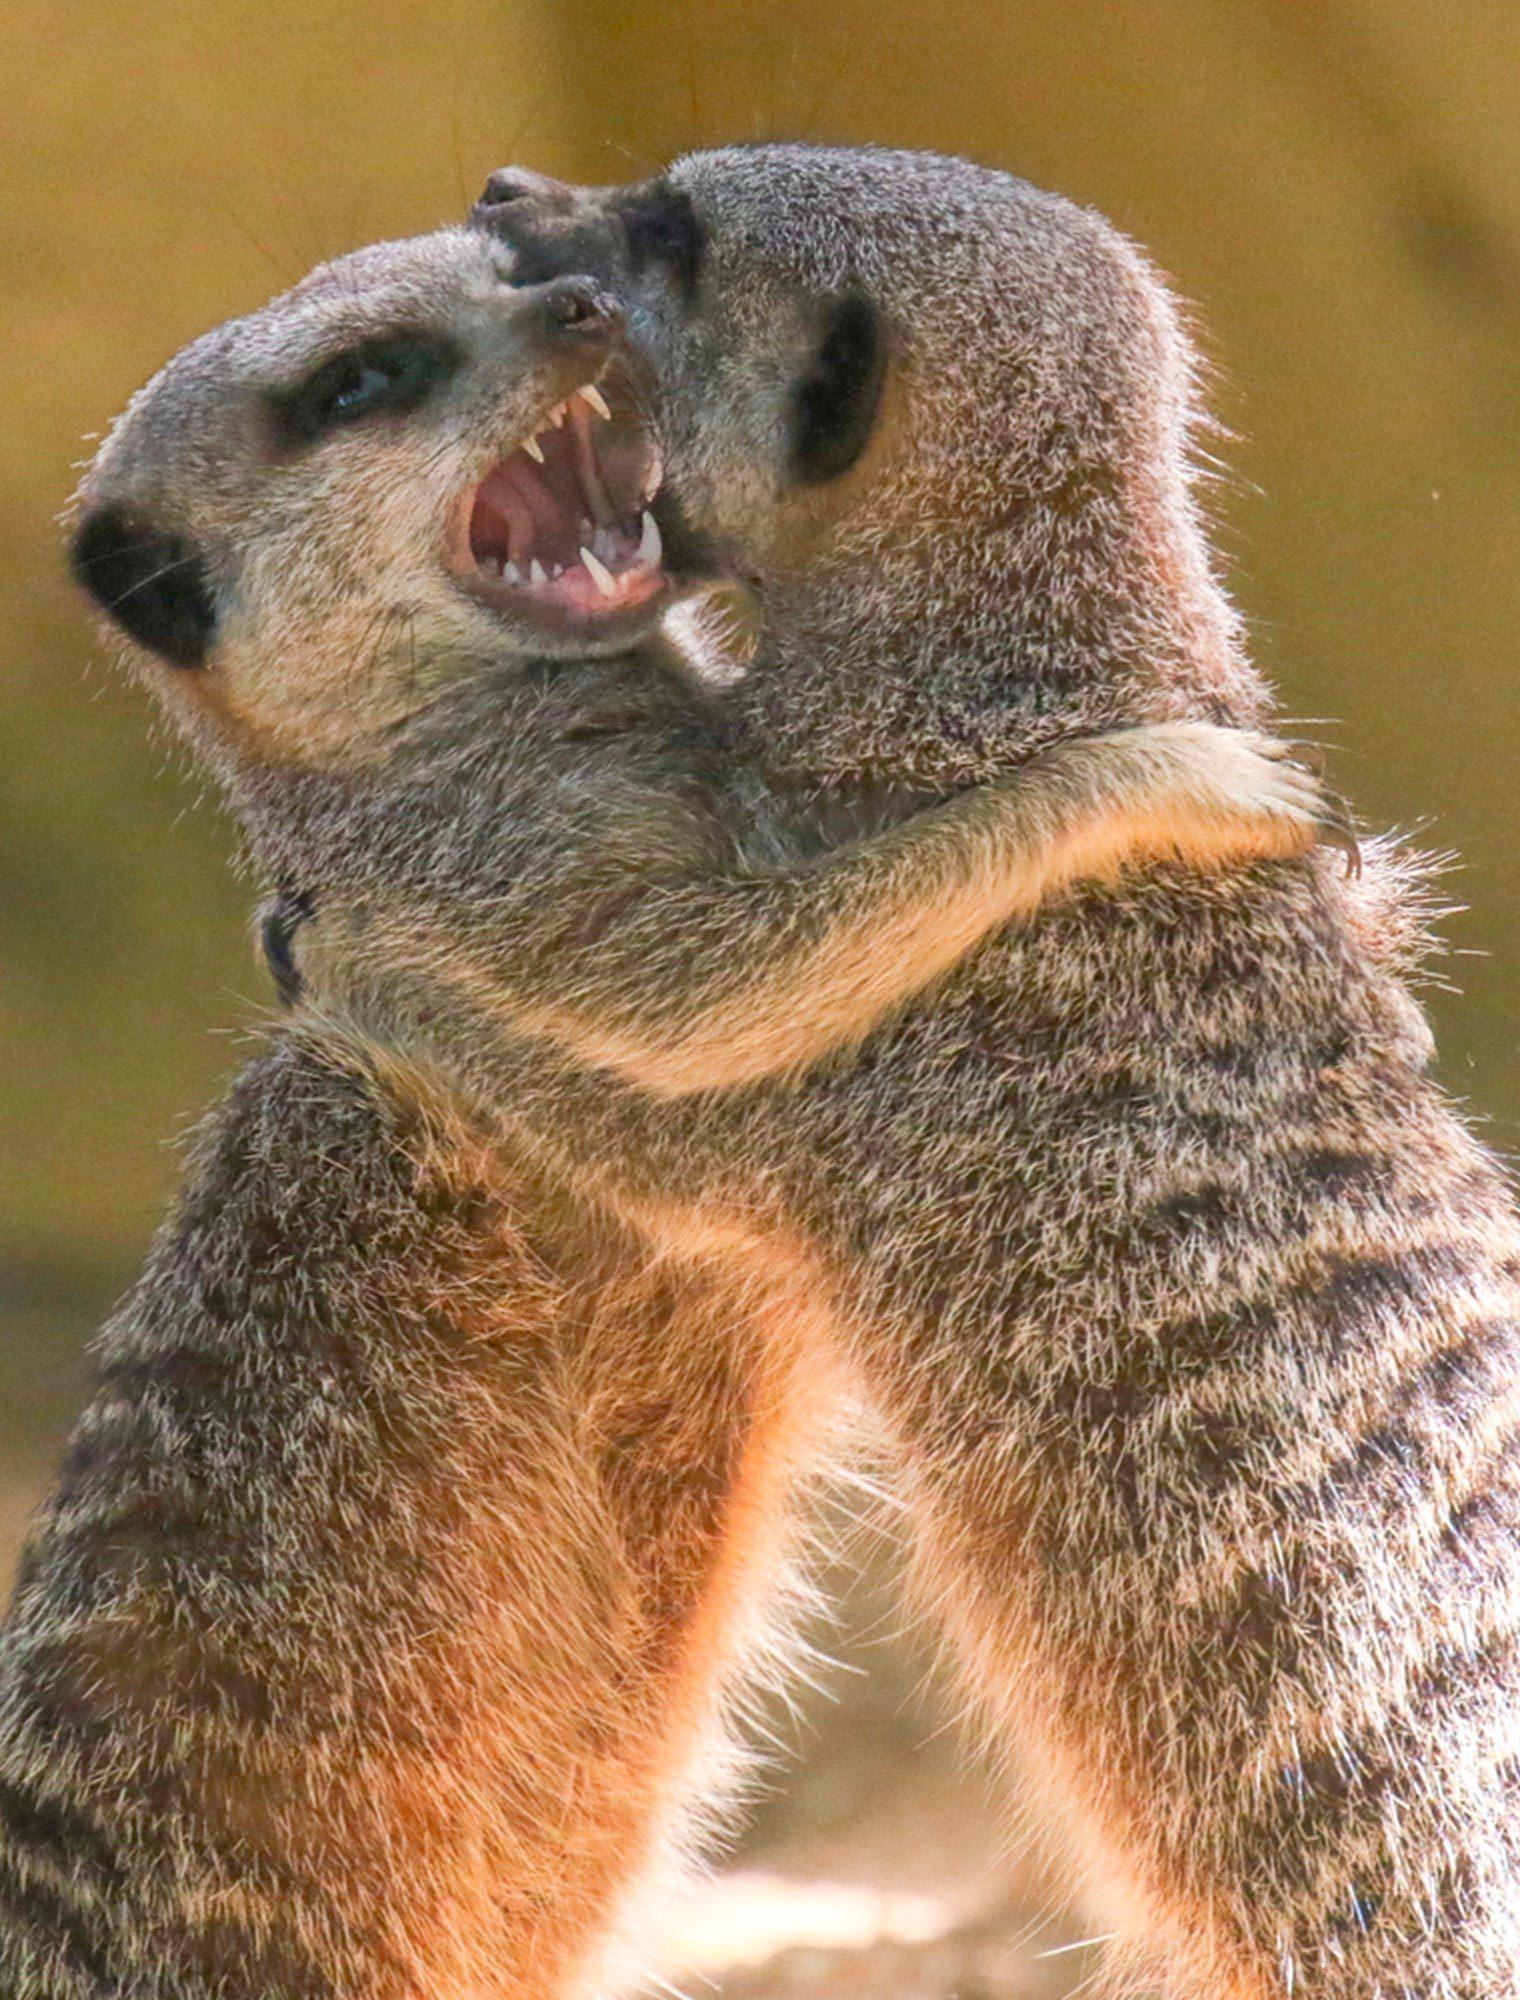 Meerkats play fighting